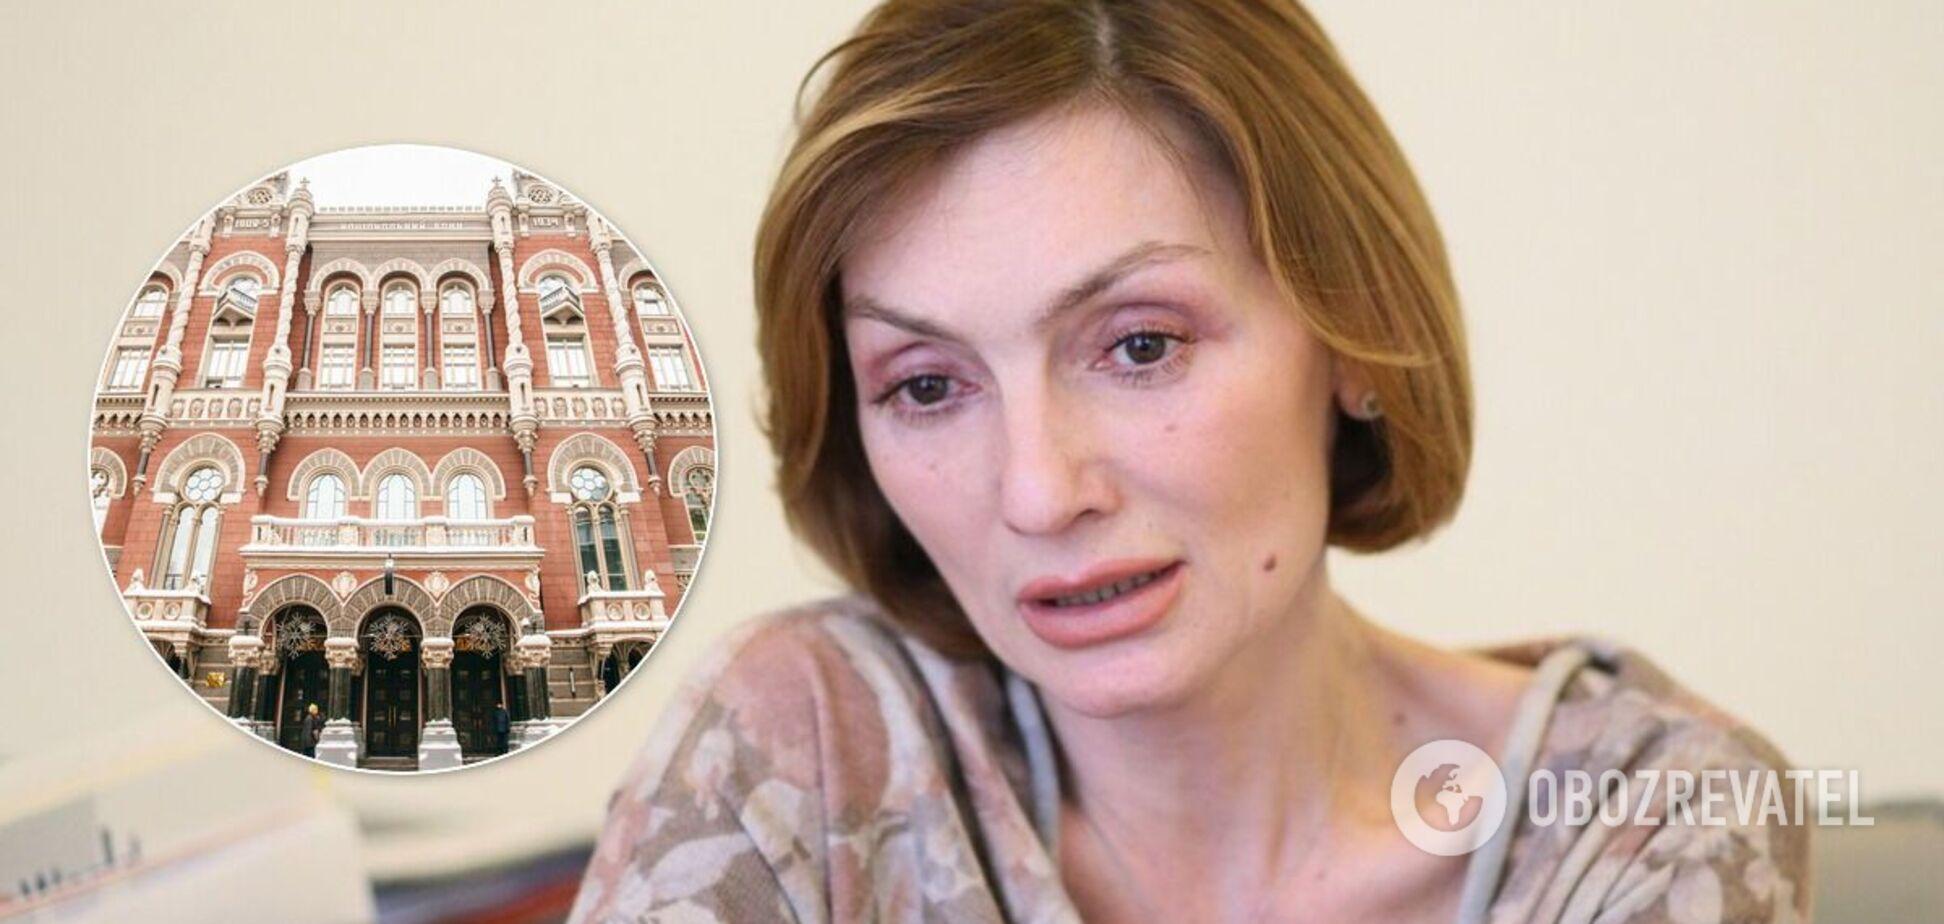 Рожкову подозревают в госизмене и хищении за сотрудничество с Kroll – СМИ